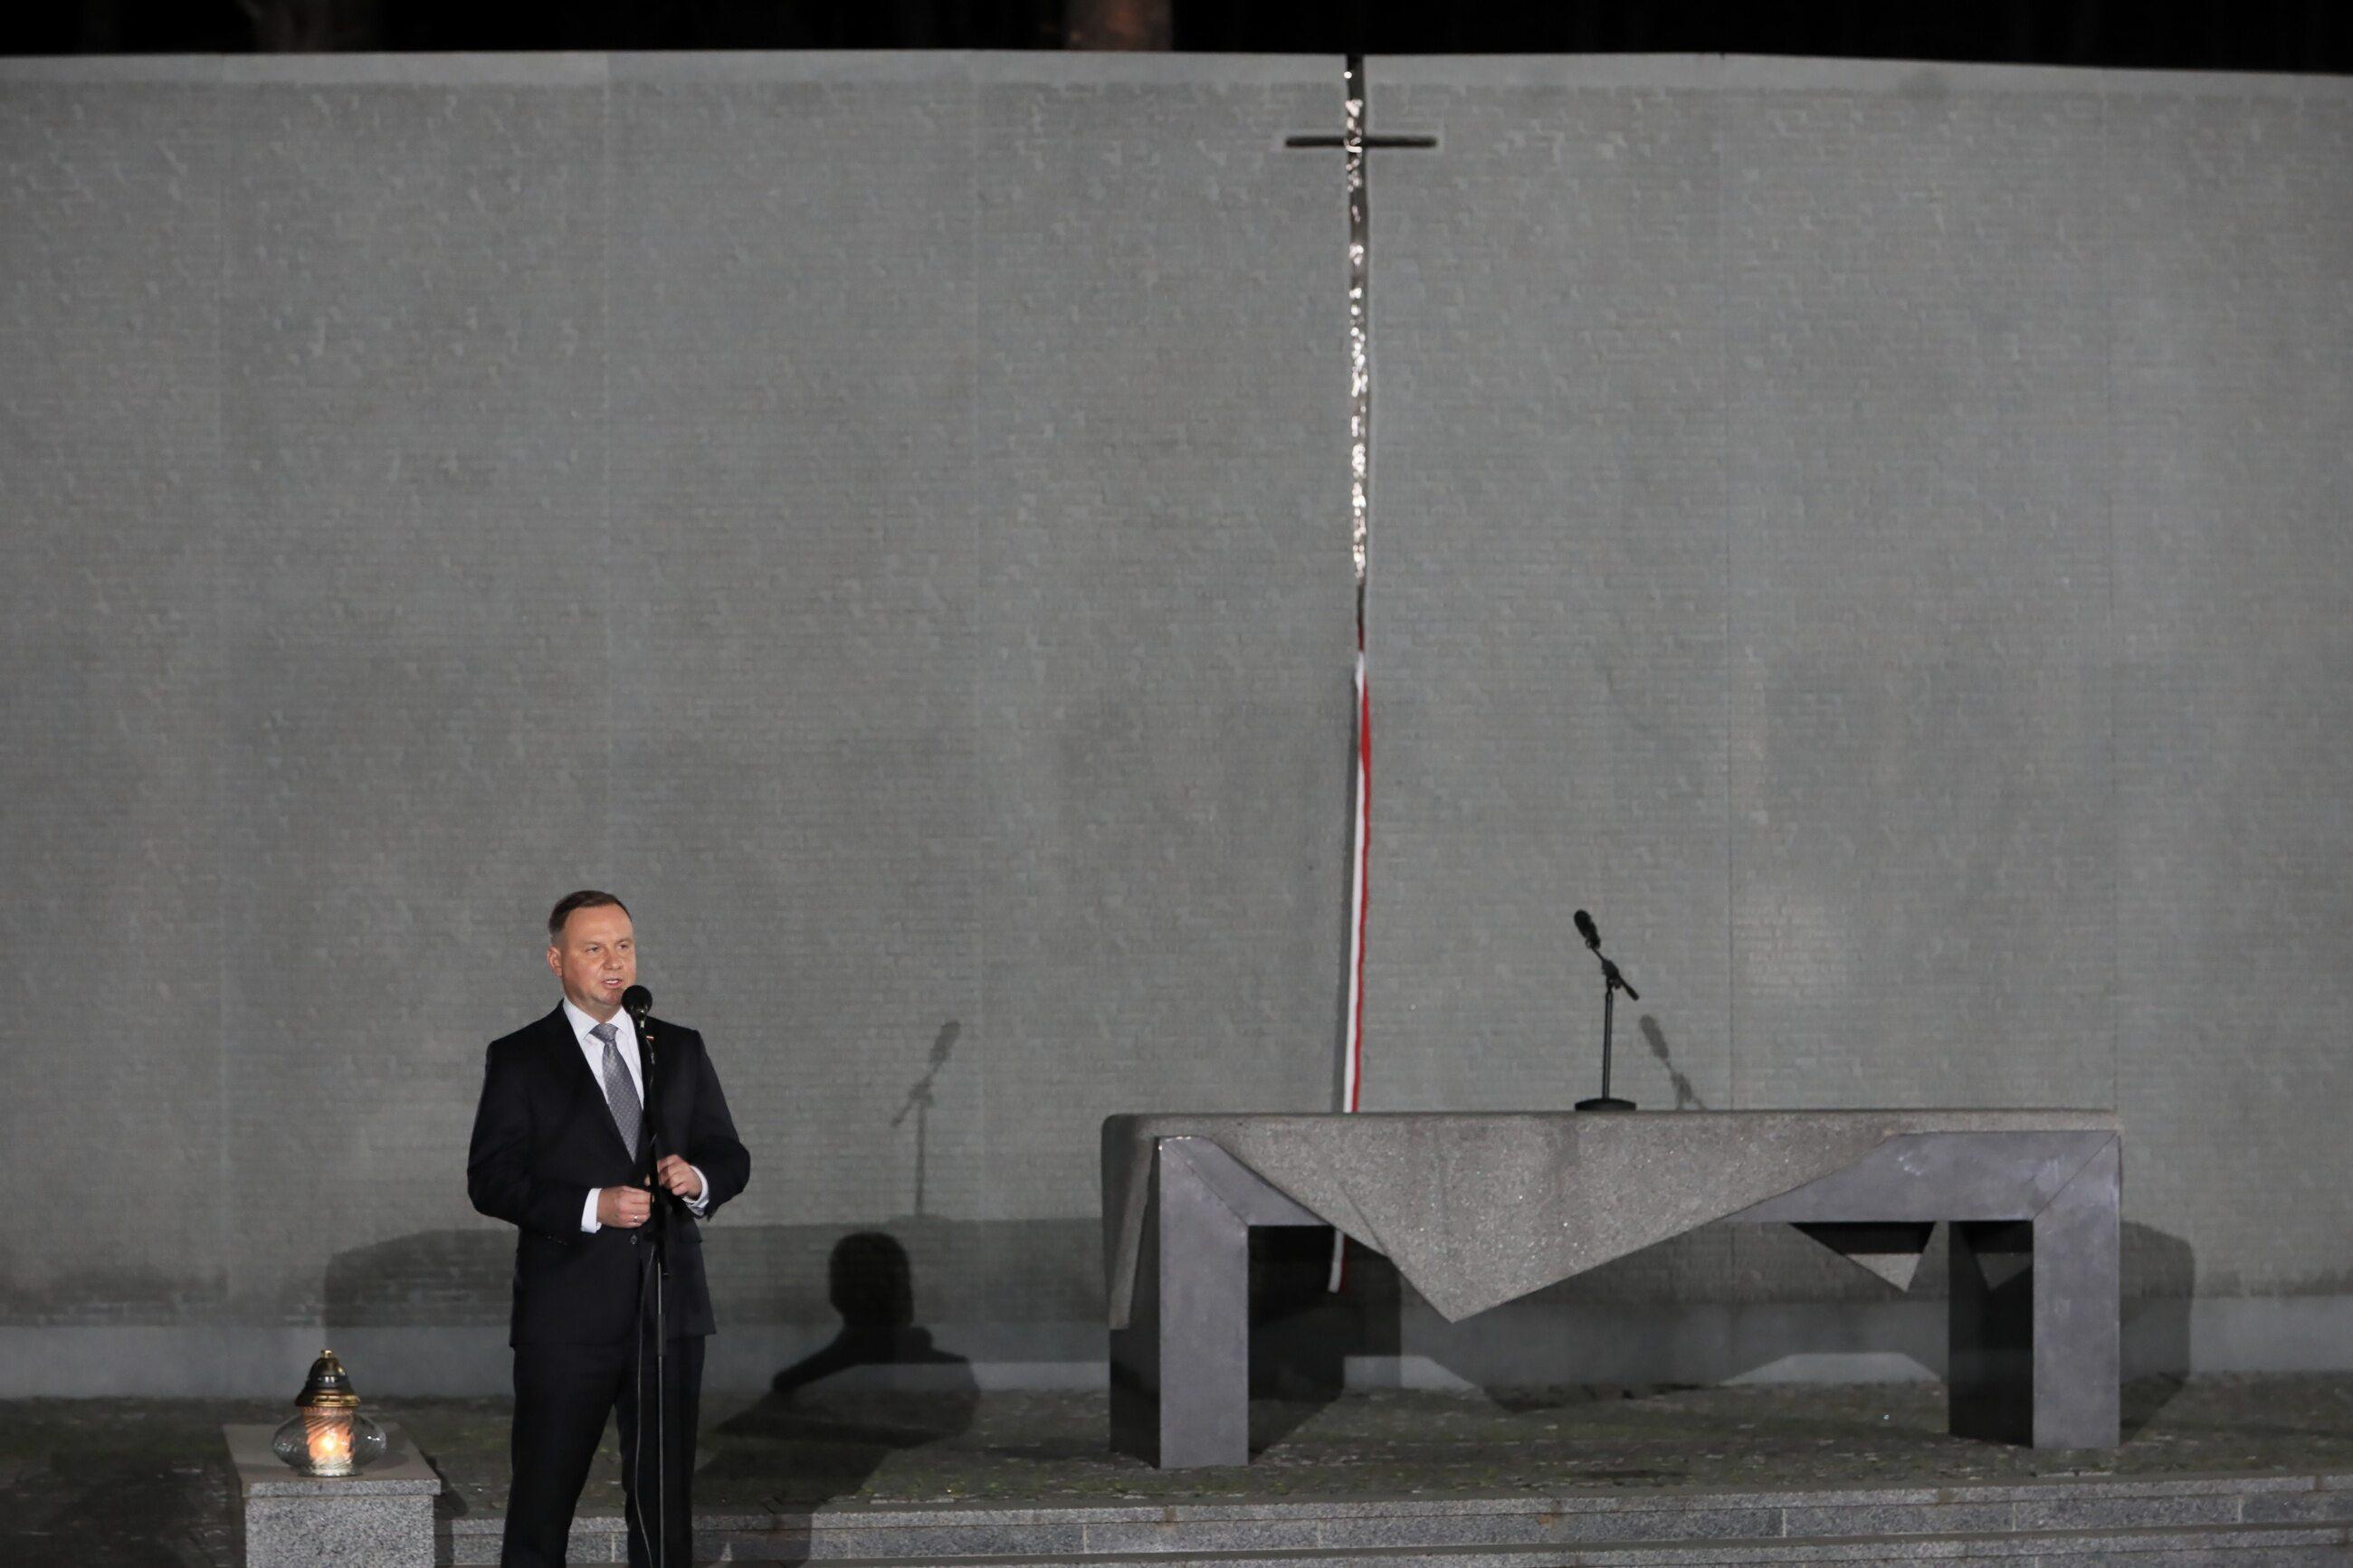 Prezydent Andrzej Duda podczas uroczystości złożenia kwiatów na Polskim Cmentarzu Wojennym w Bykowni pod Kijowem